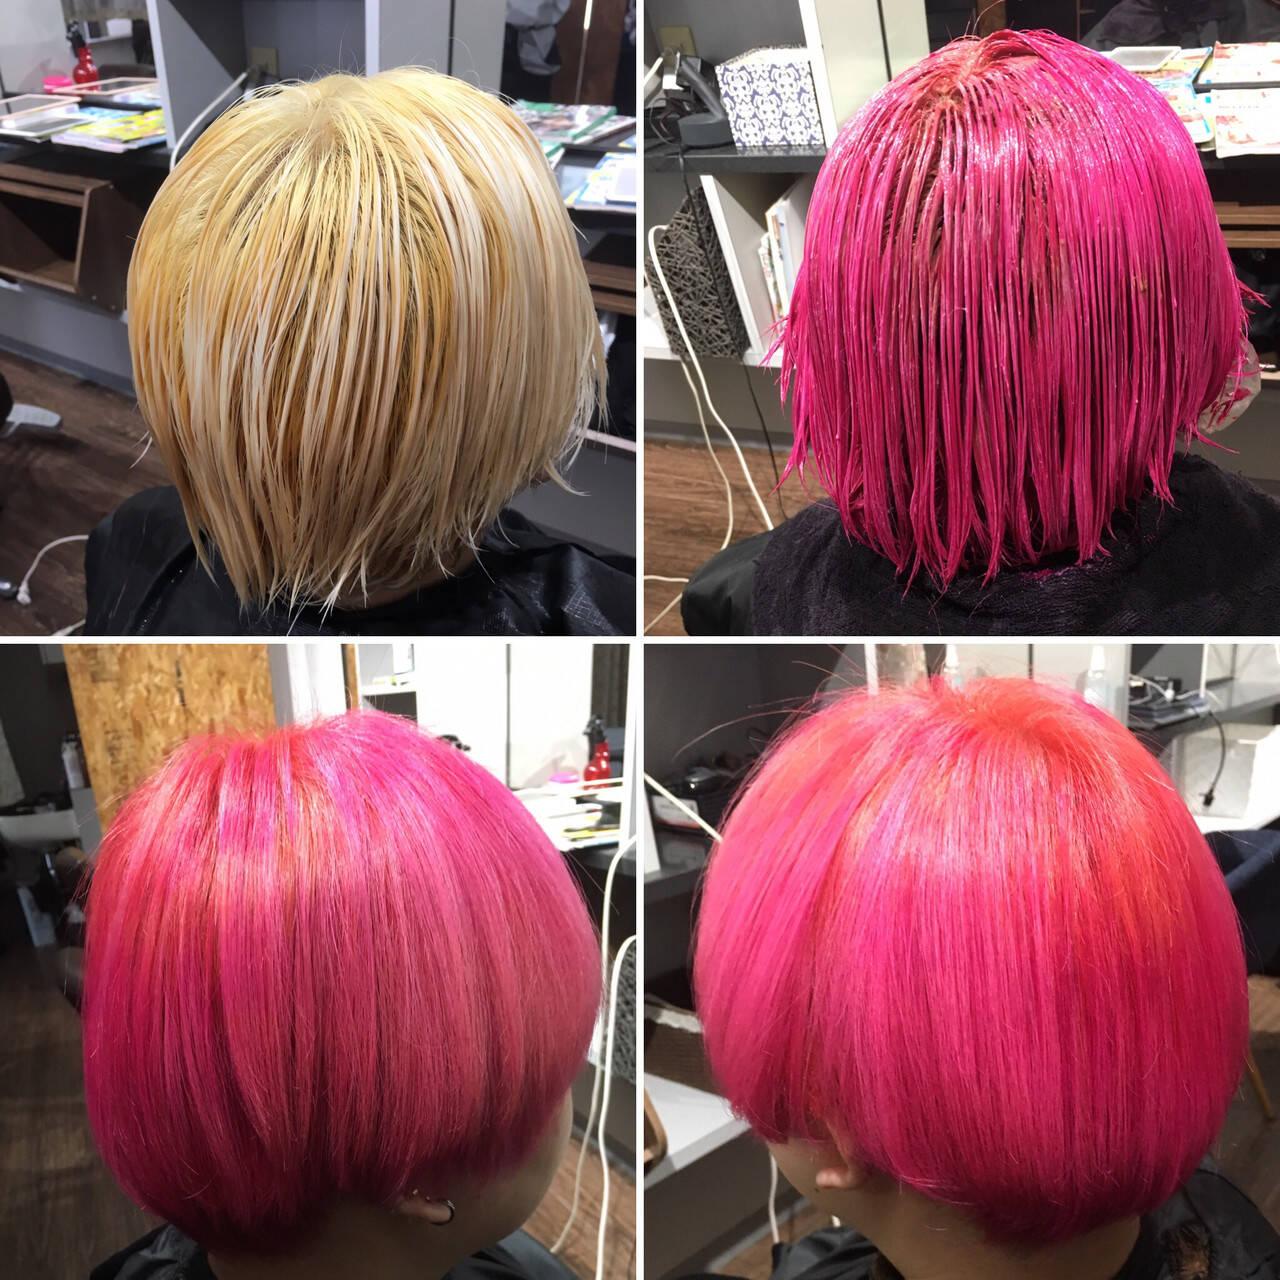 ホワイトブリーチ ショート ブリーチ コリアンピンクヘアスタイルや髪型の写真・画像